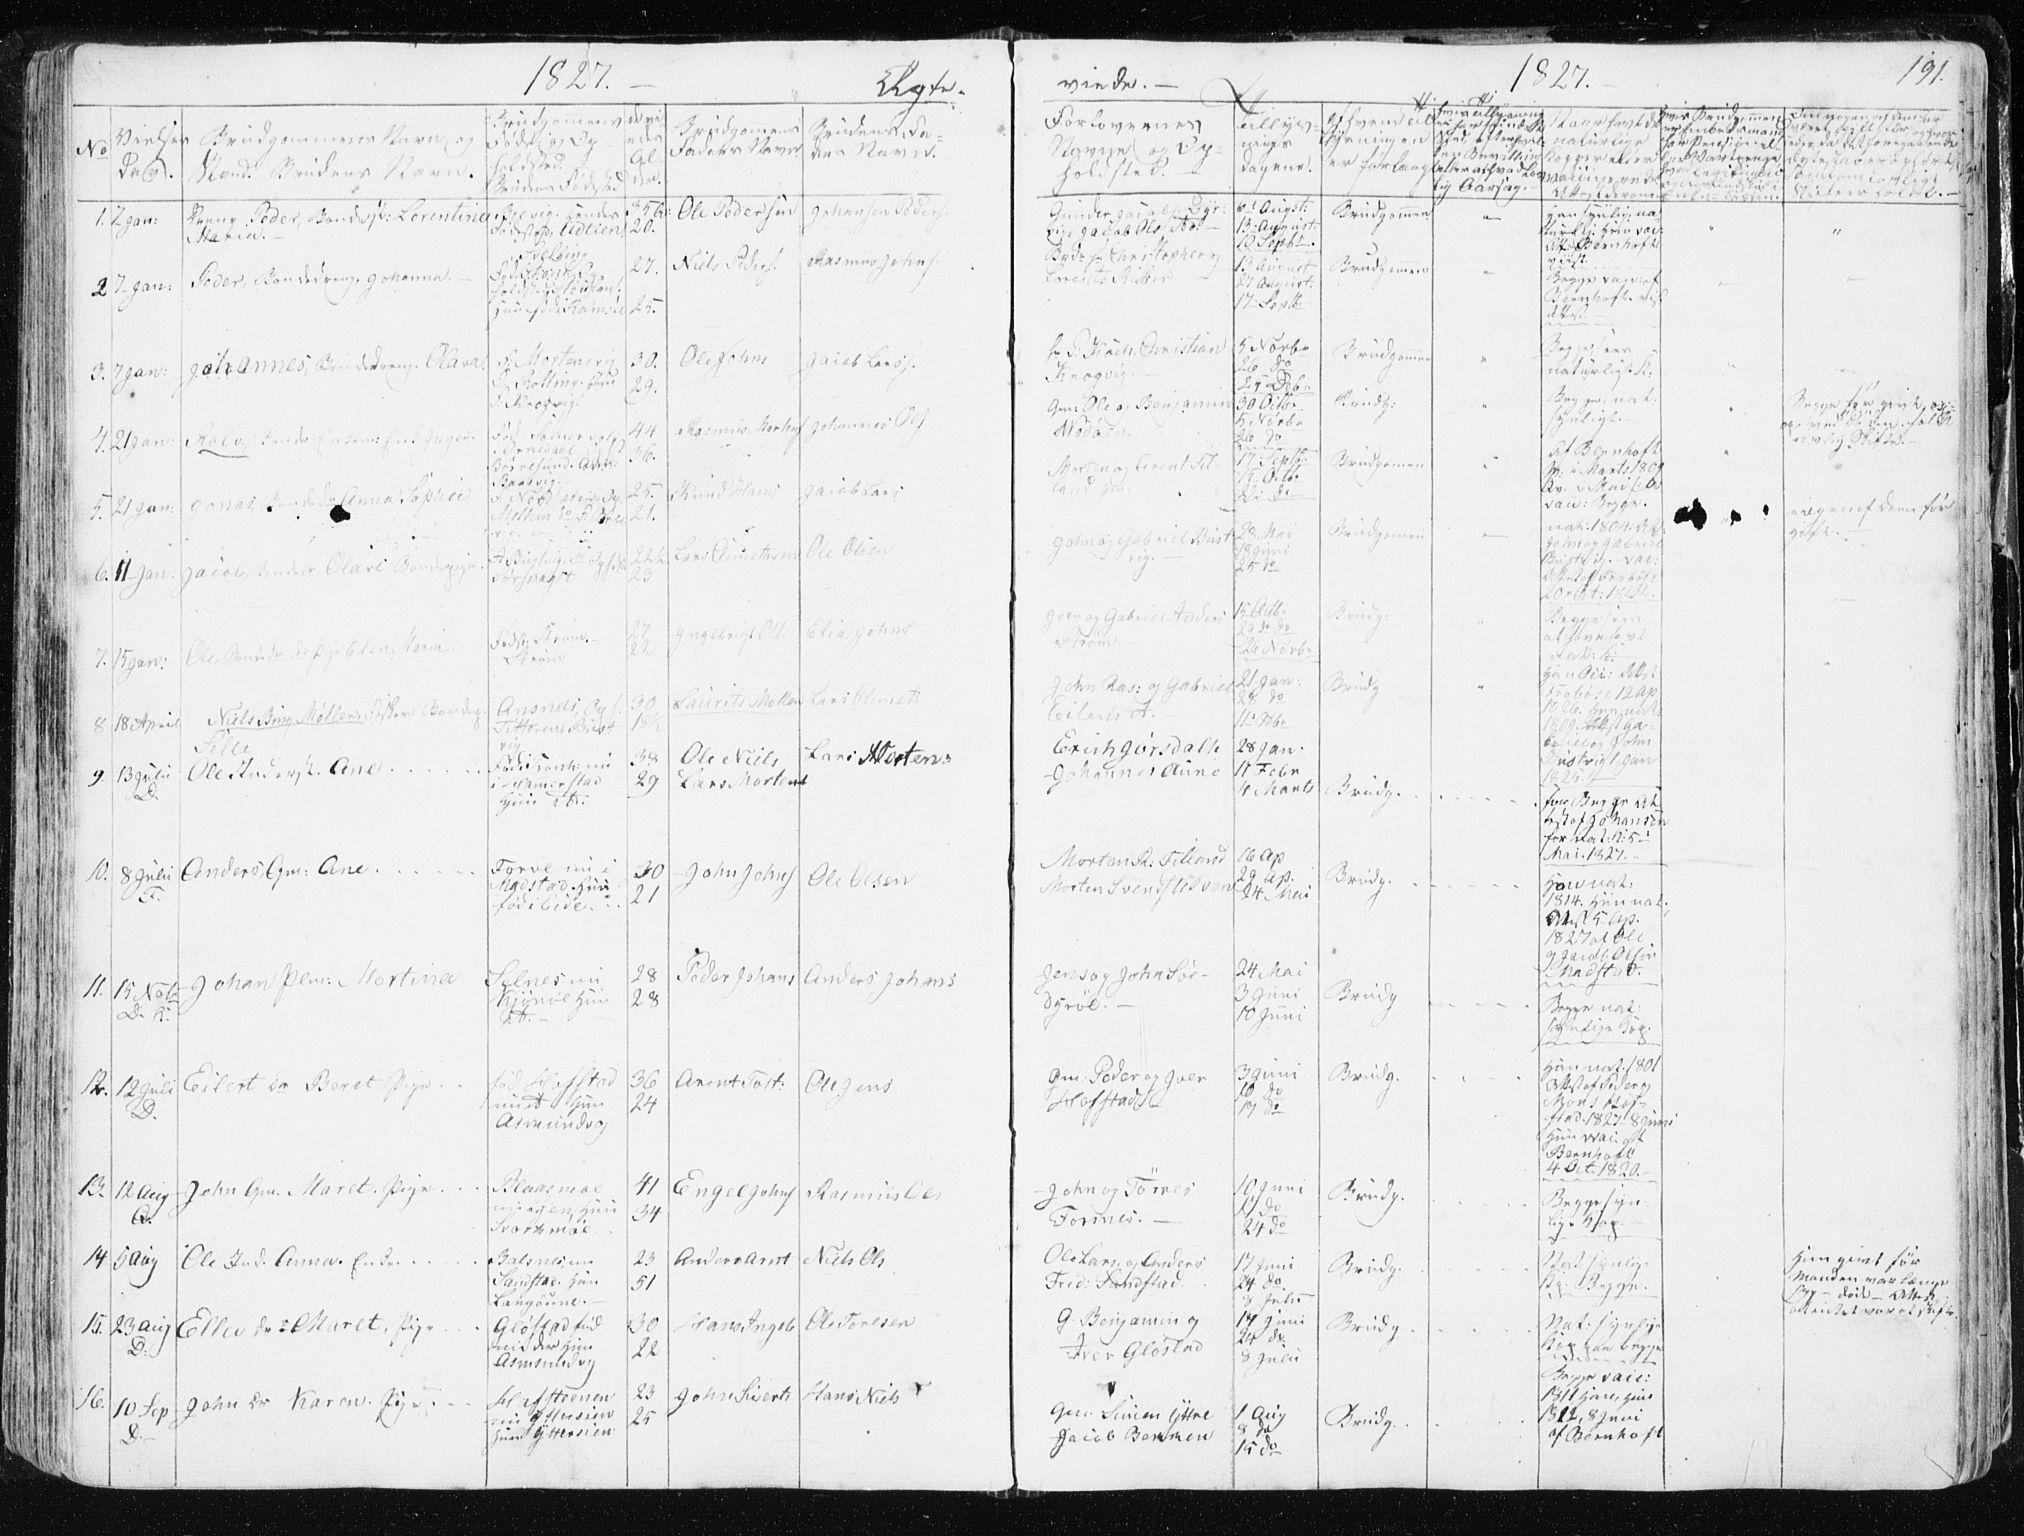 SAT, Ministerialprotokoller, klokkerbøker og fødselsregistre - Sør-Trøndelag, 634/L0528: Ministerialbok nr. 634A04, 1827-1842, s. 191